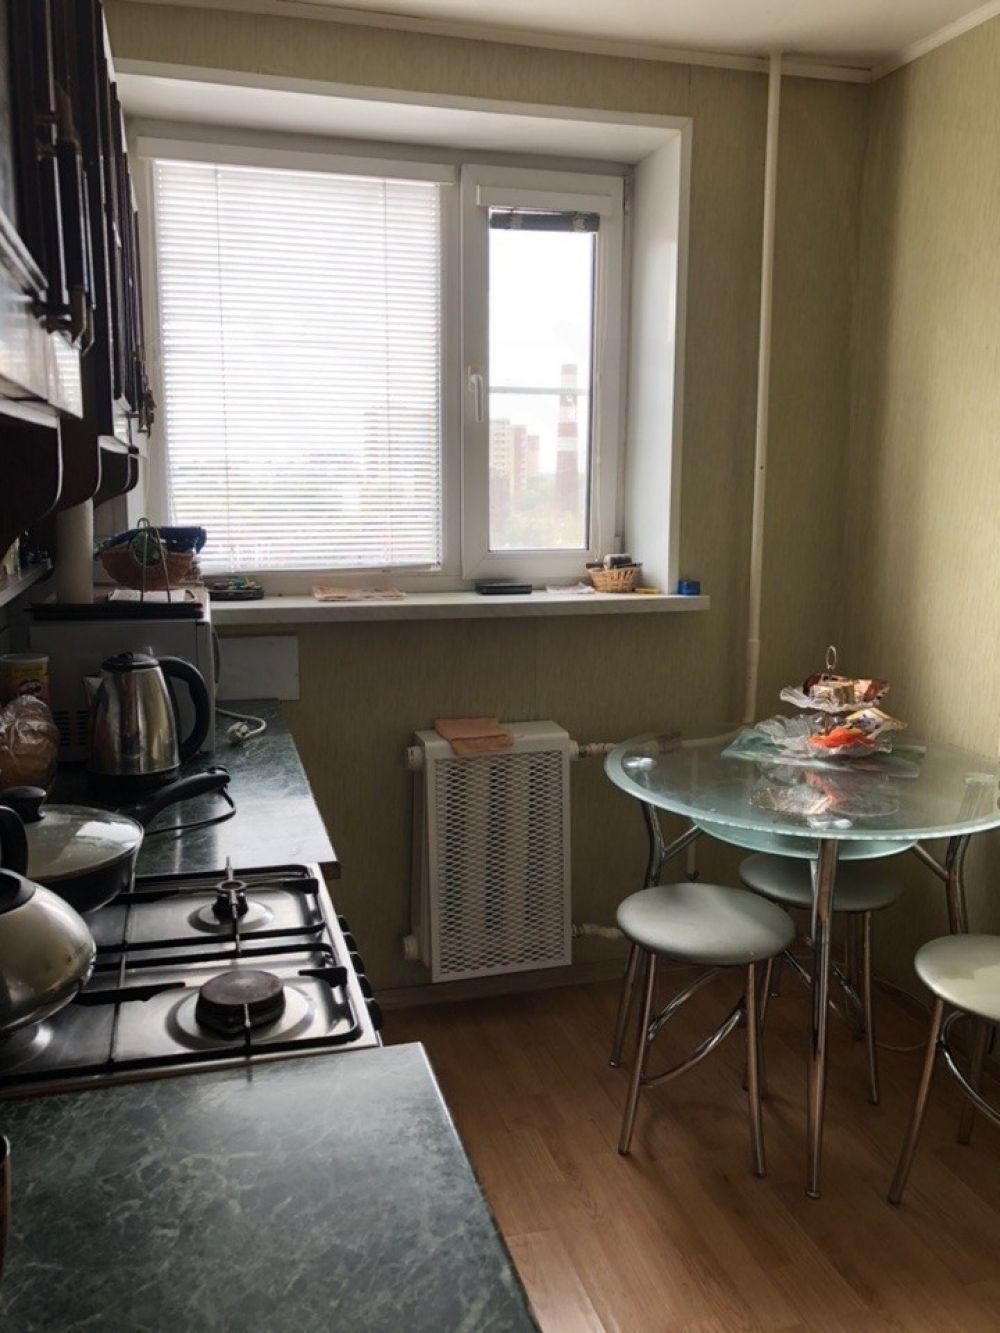 Продается 2-к квартира Щелково ул.Талсинская дом 8, фото 6